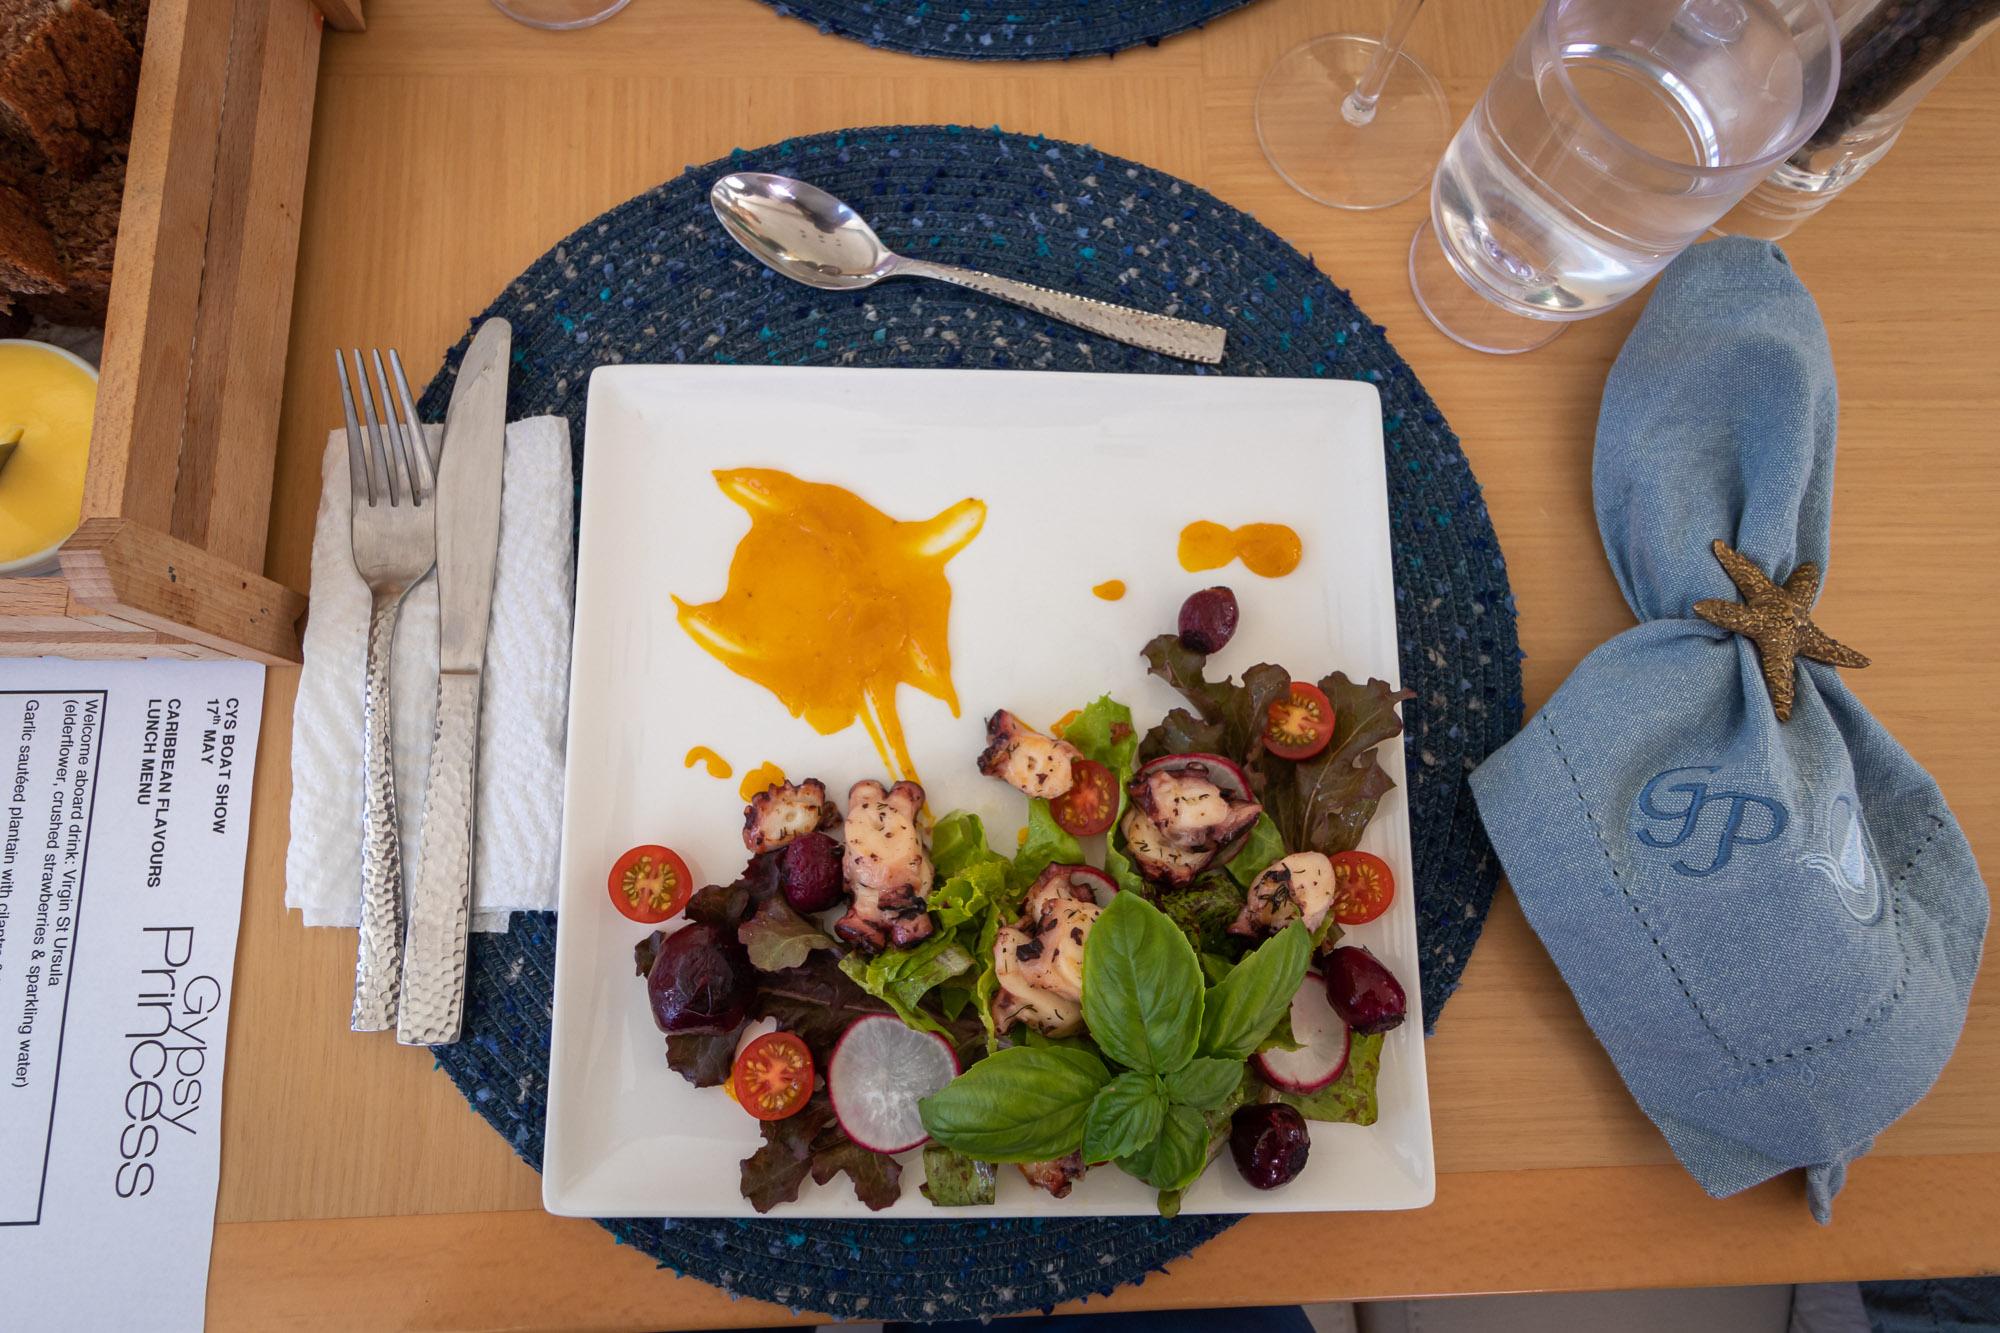 Herbed octopus salad aboard  Gypsy Princess